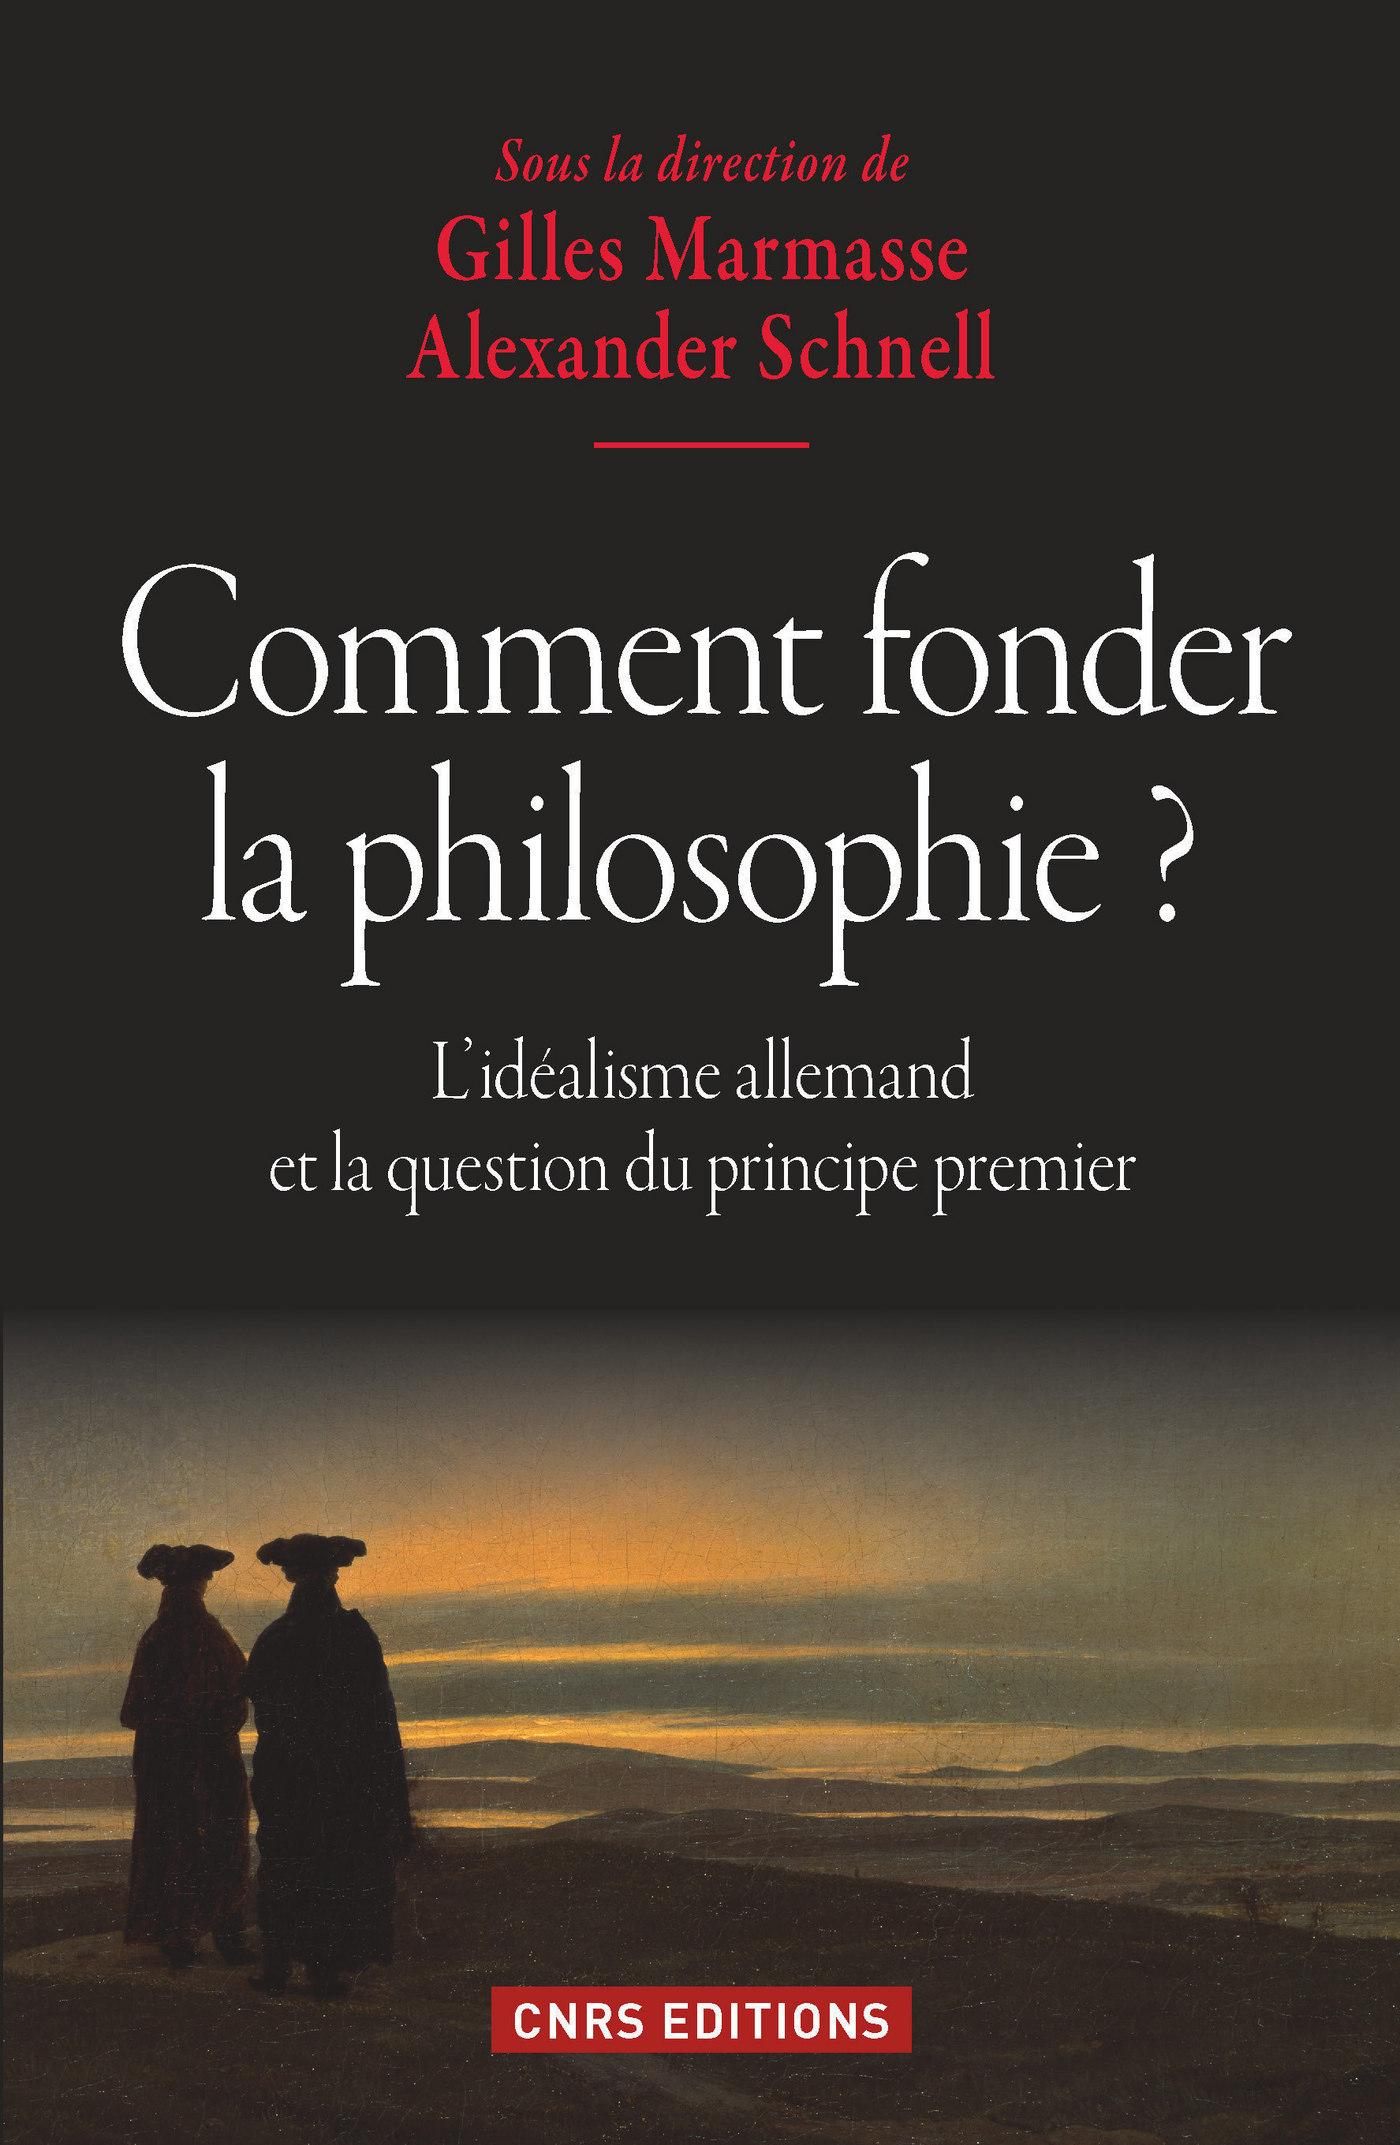 Comment fonder la philosophie ? L'idéalisme allemand et la question du principe premier